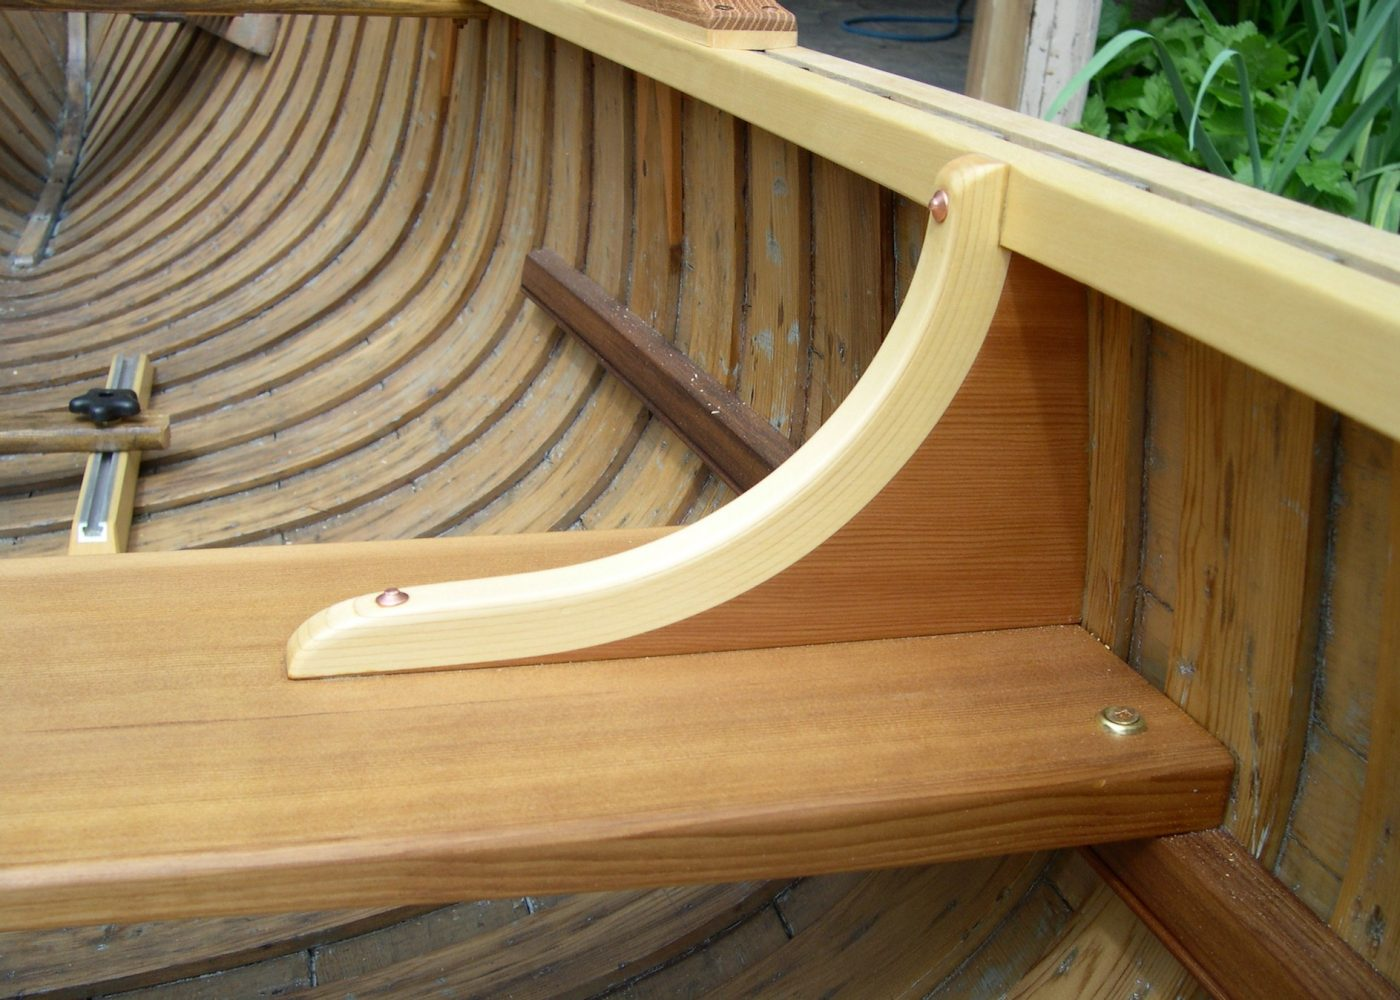 Freighter canoe